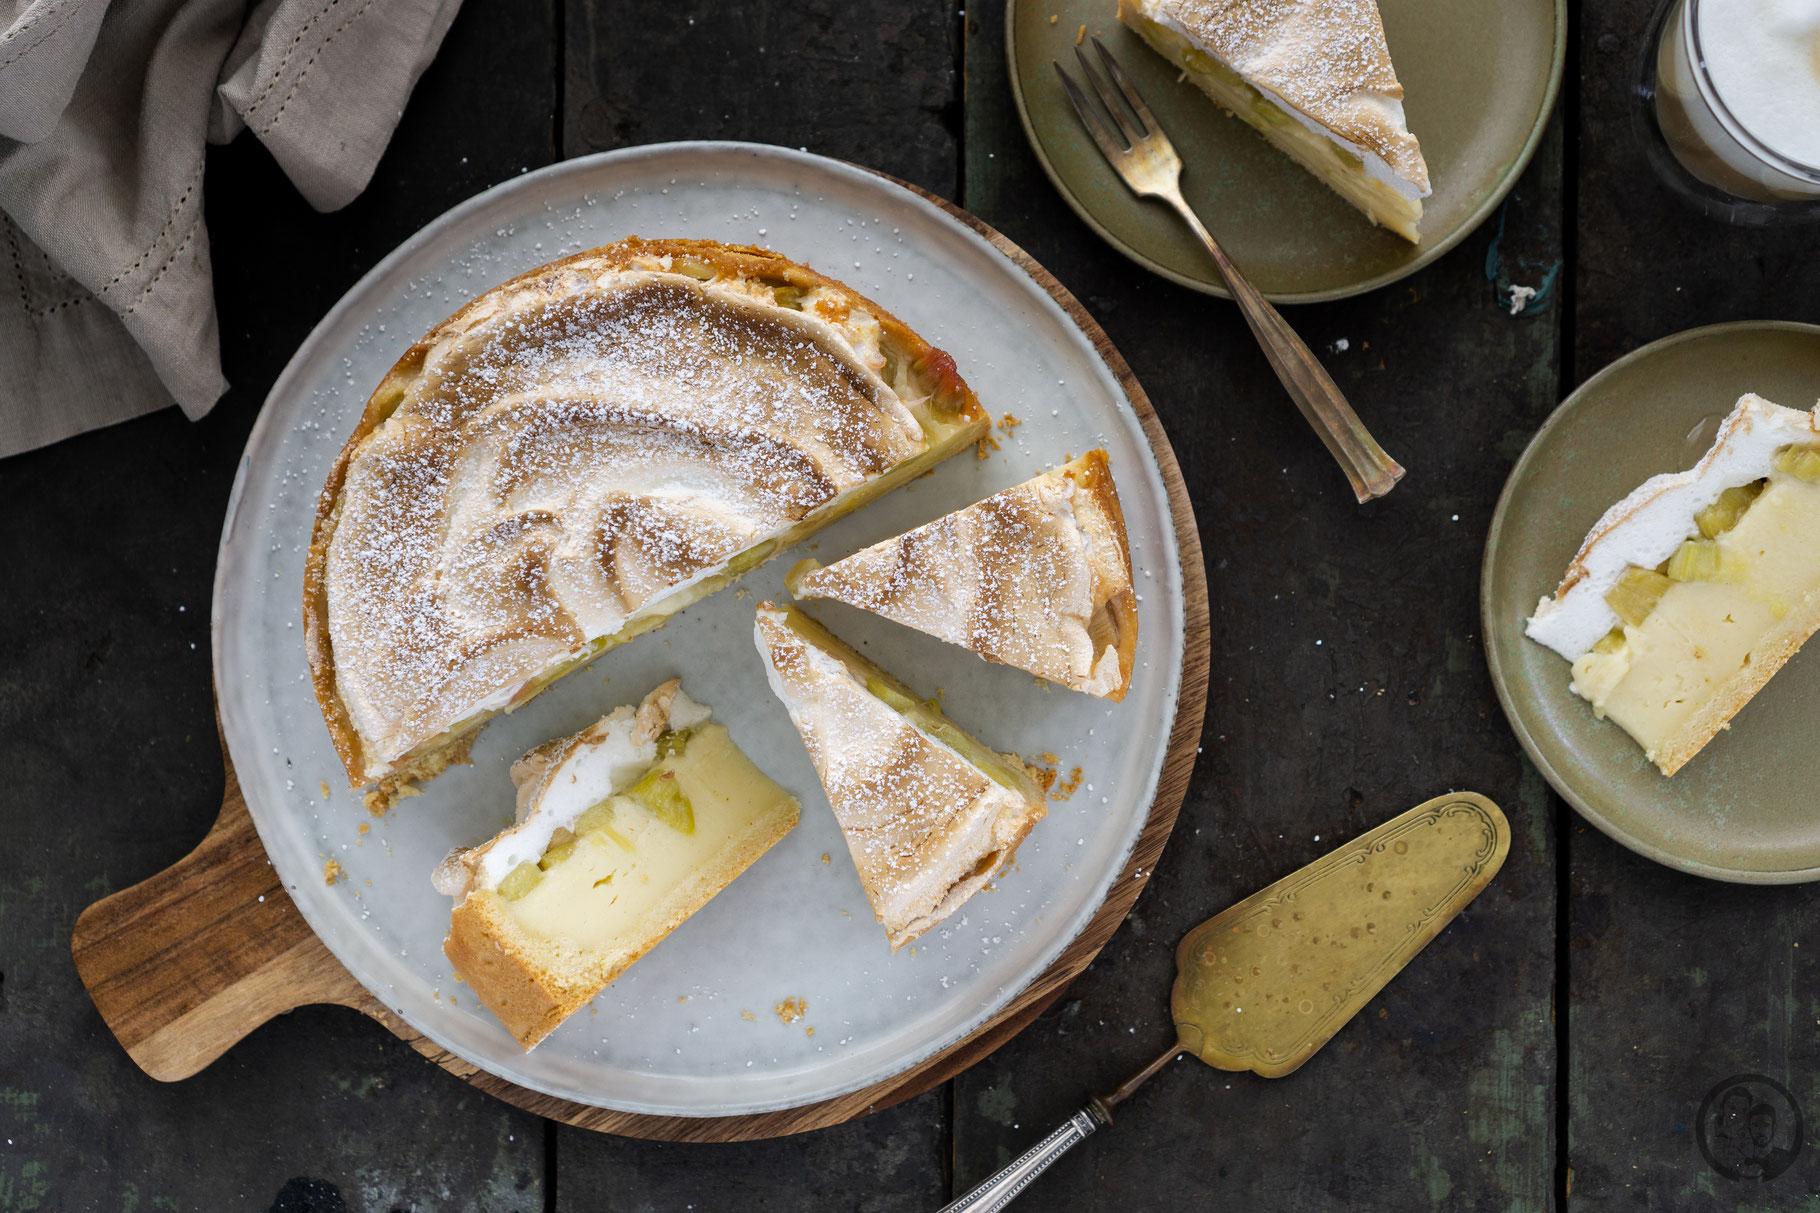 Rhabarber-Pudding Kuchen angeschnitten von oben